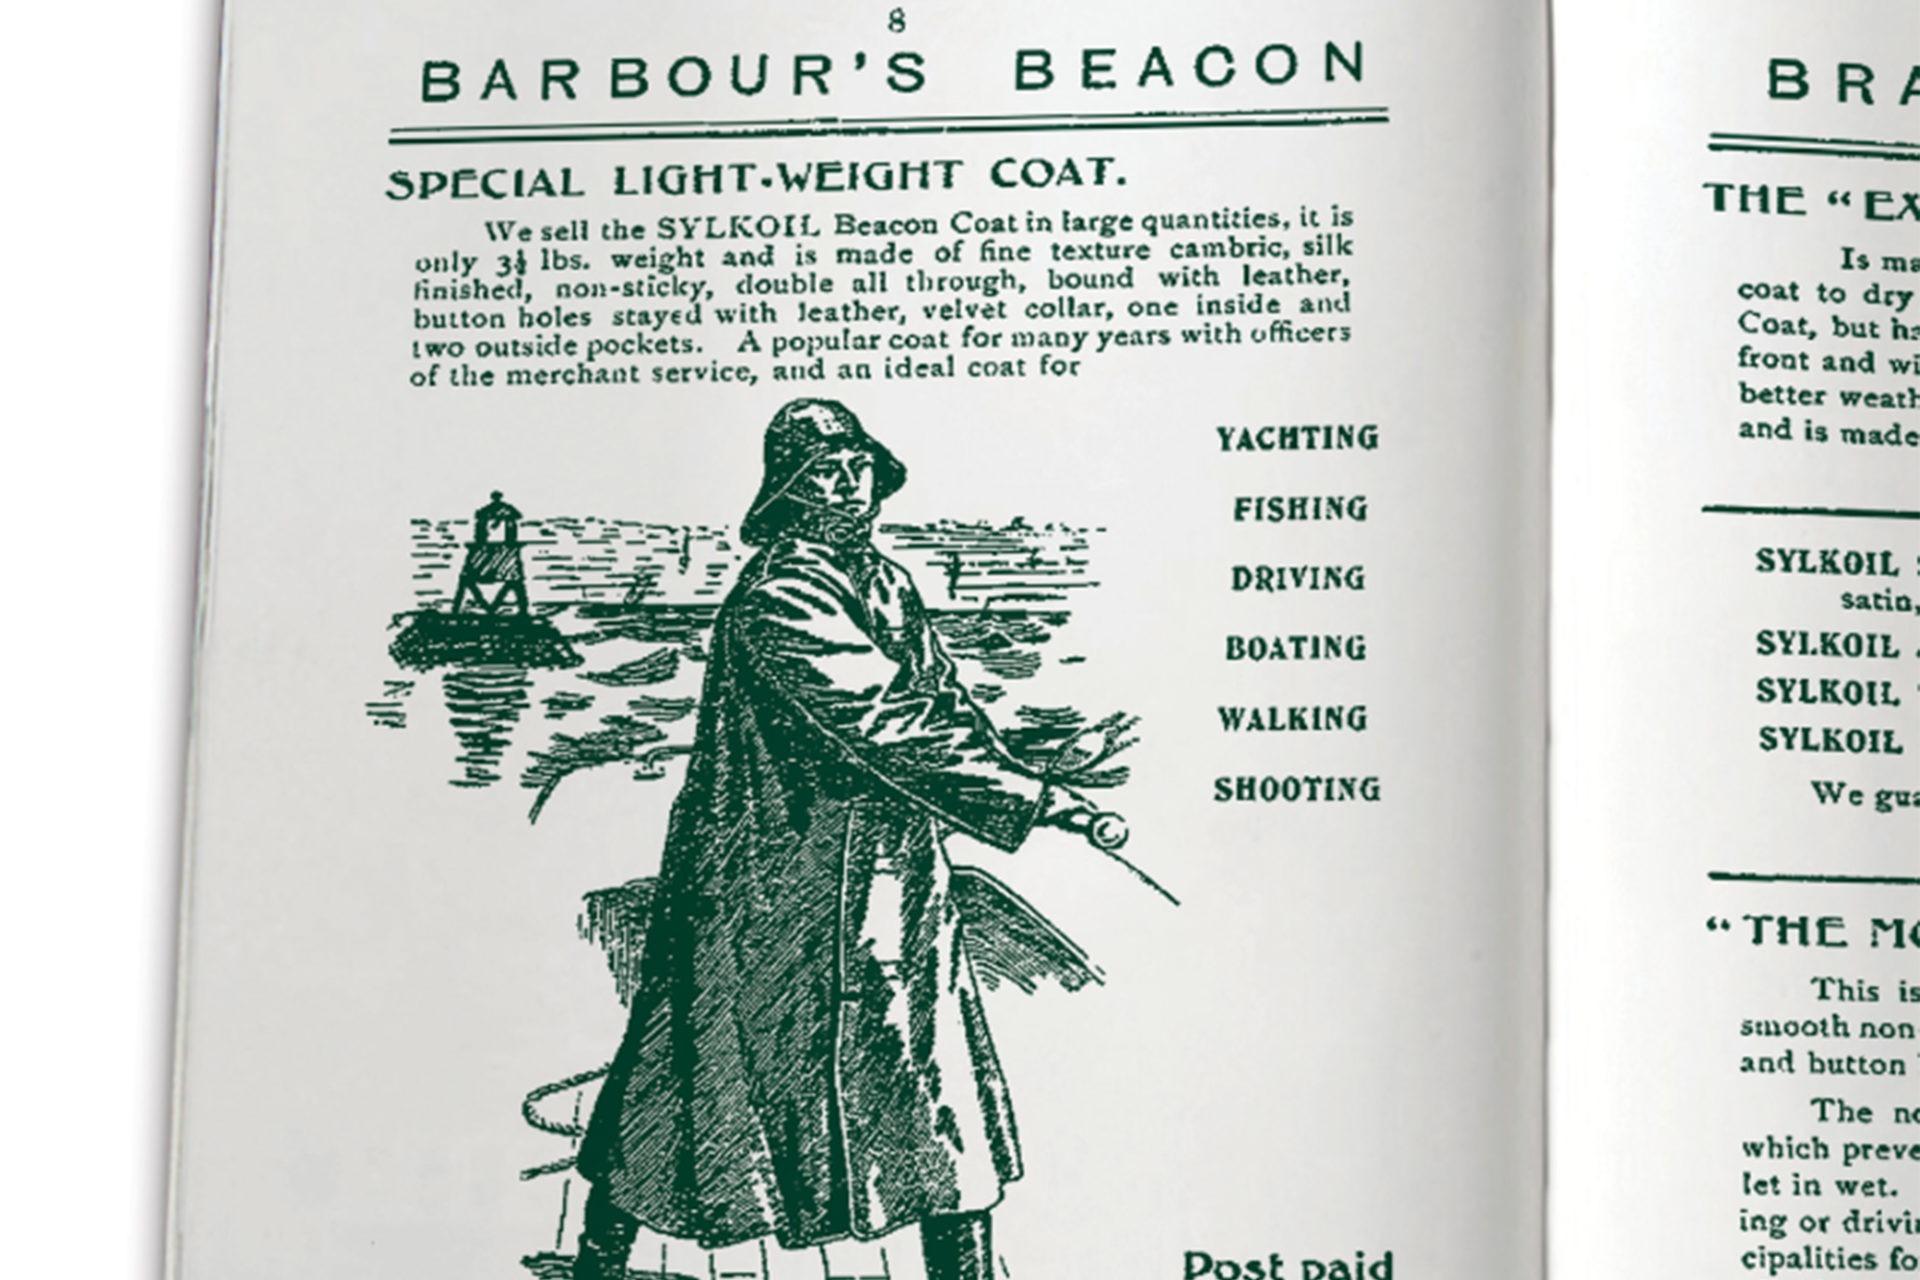 Barbour - Premier catalogue de vente